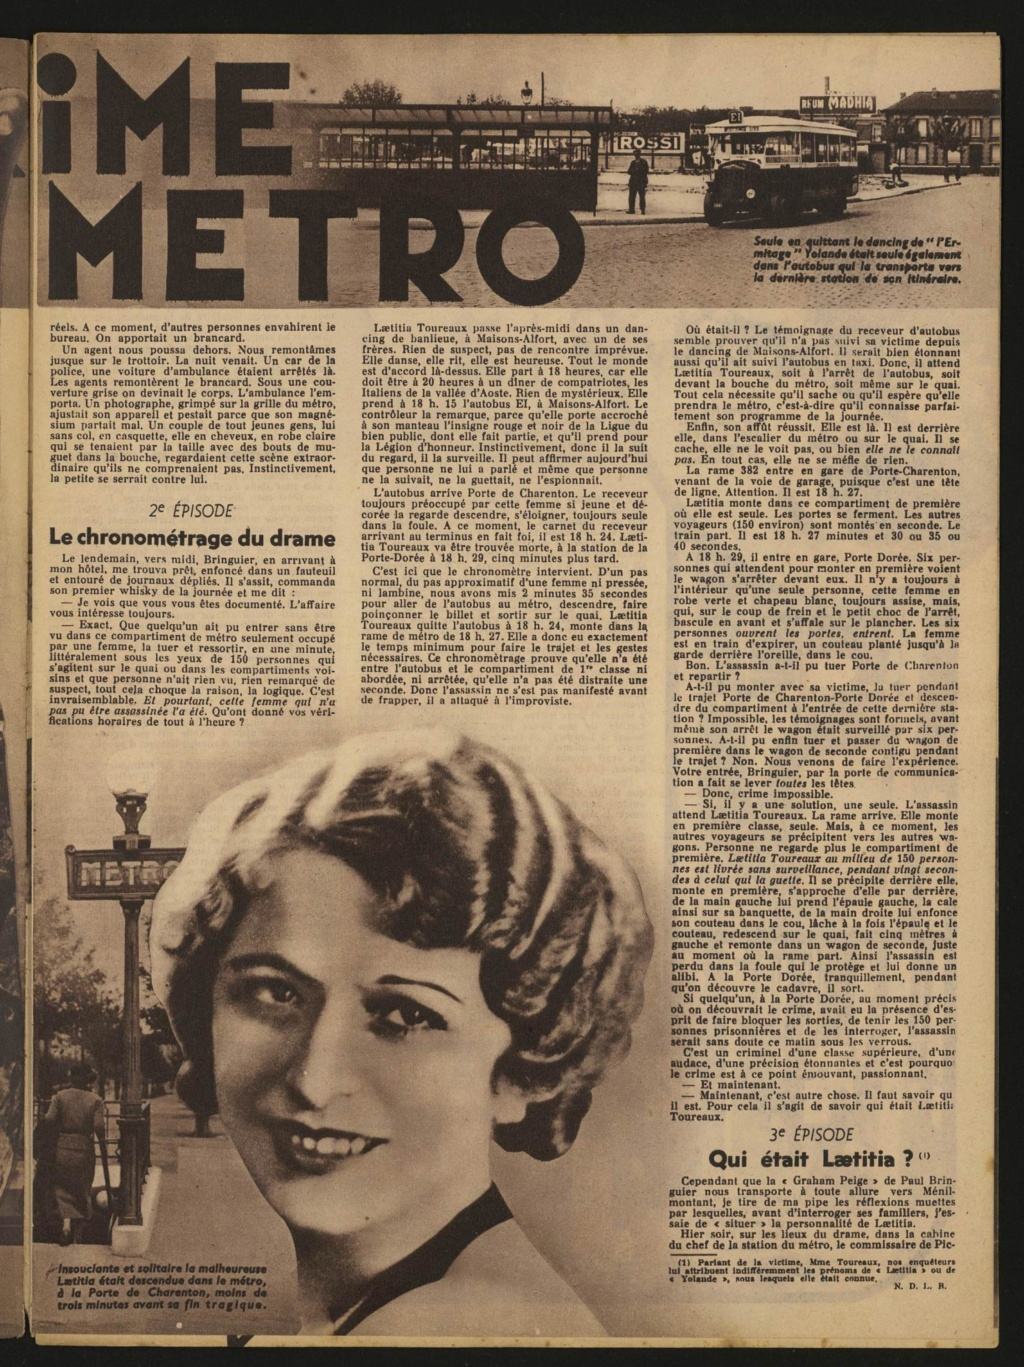 Laëtitia Toureaux - Le Crime du Métro, 16 mai 1937 Tourne10